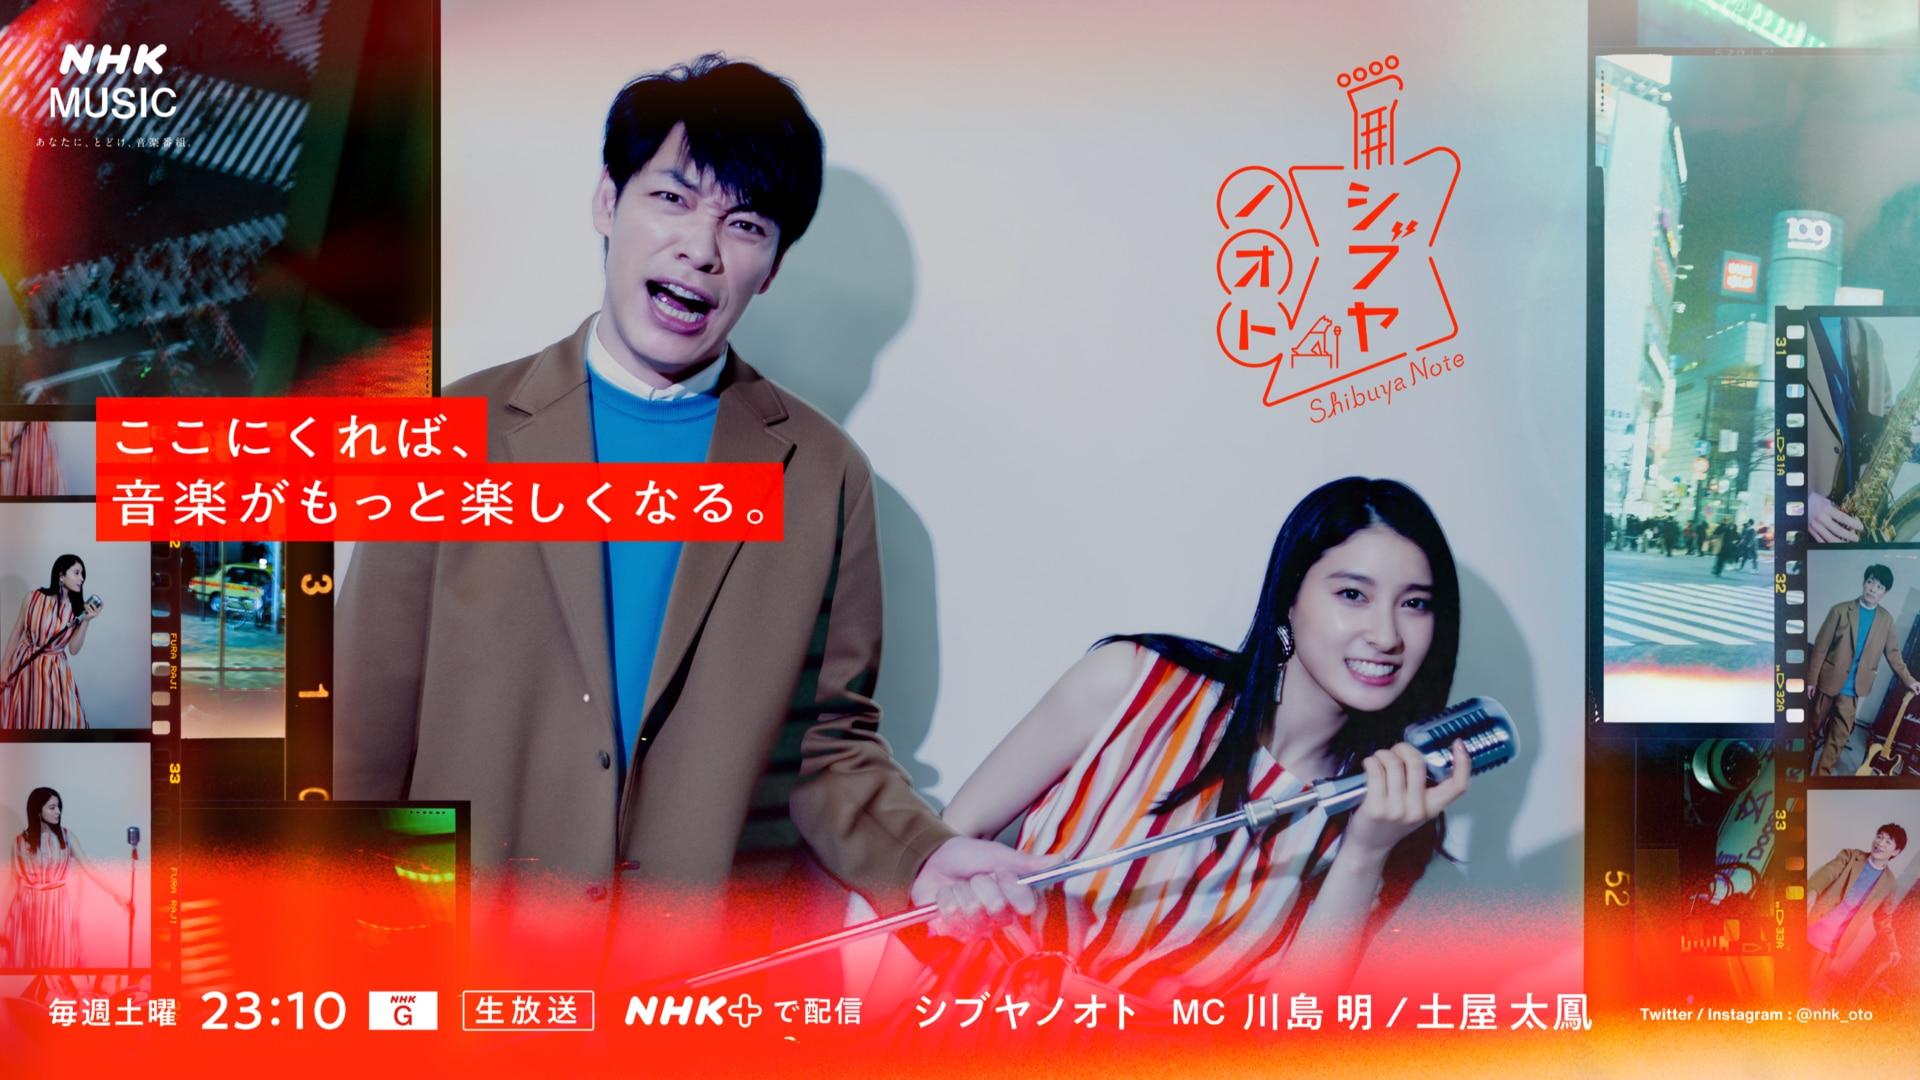 シブヤノオト Snow Man 動画 2021年10月2日 21/10/02